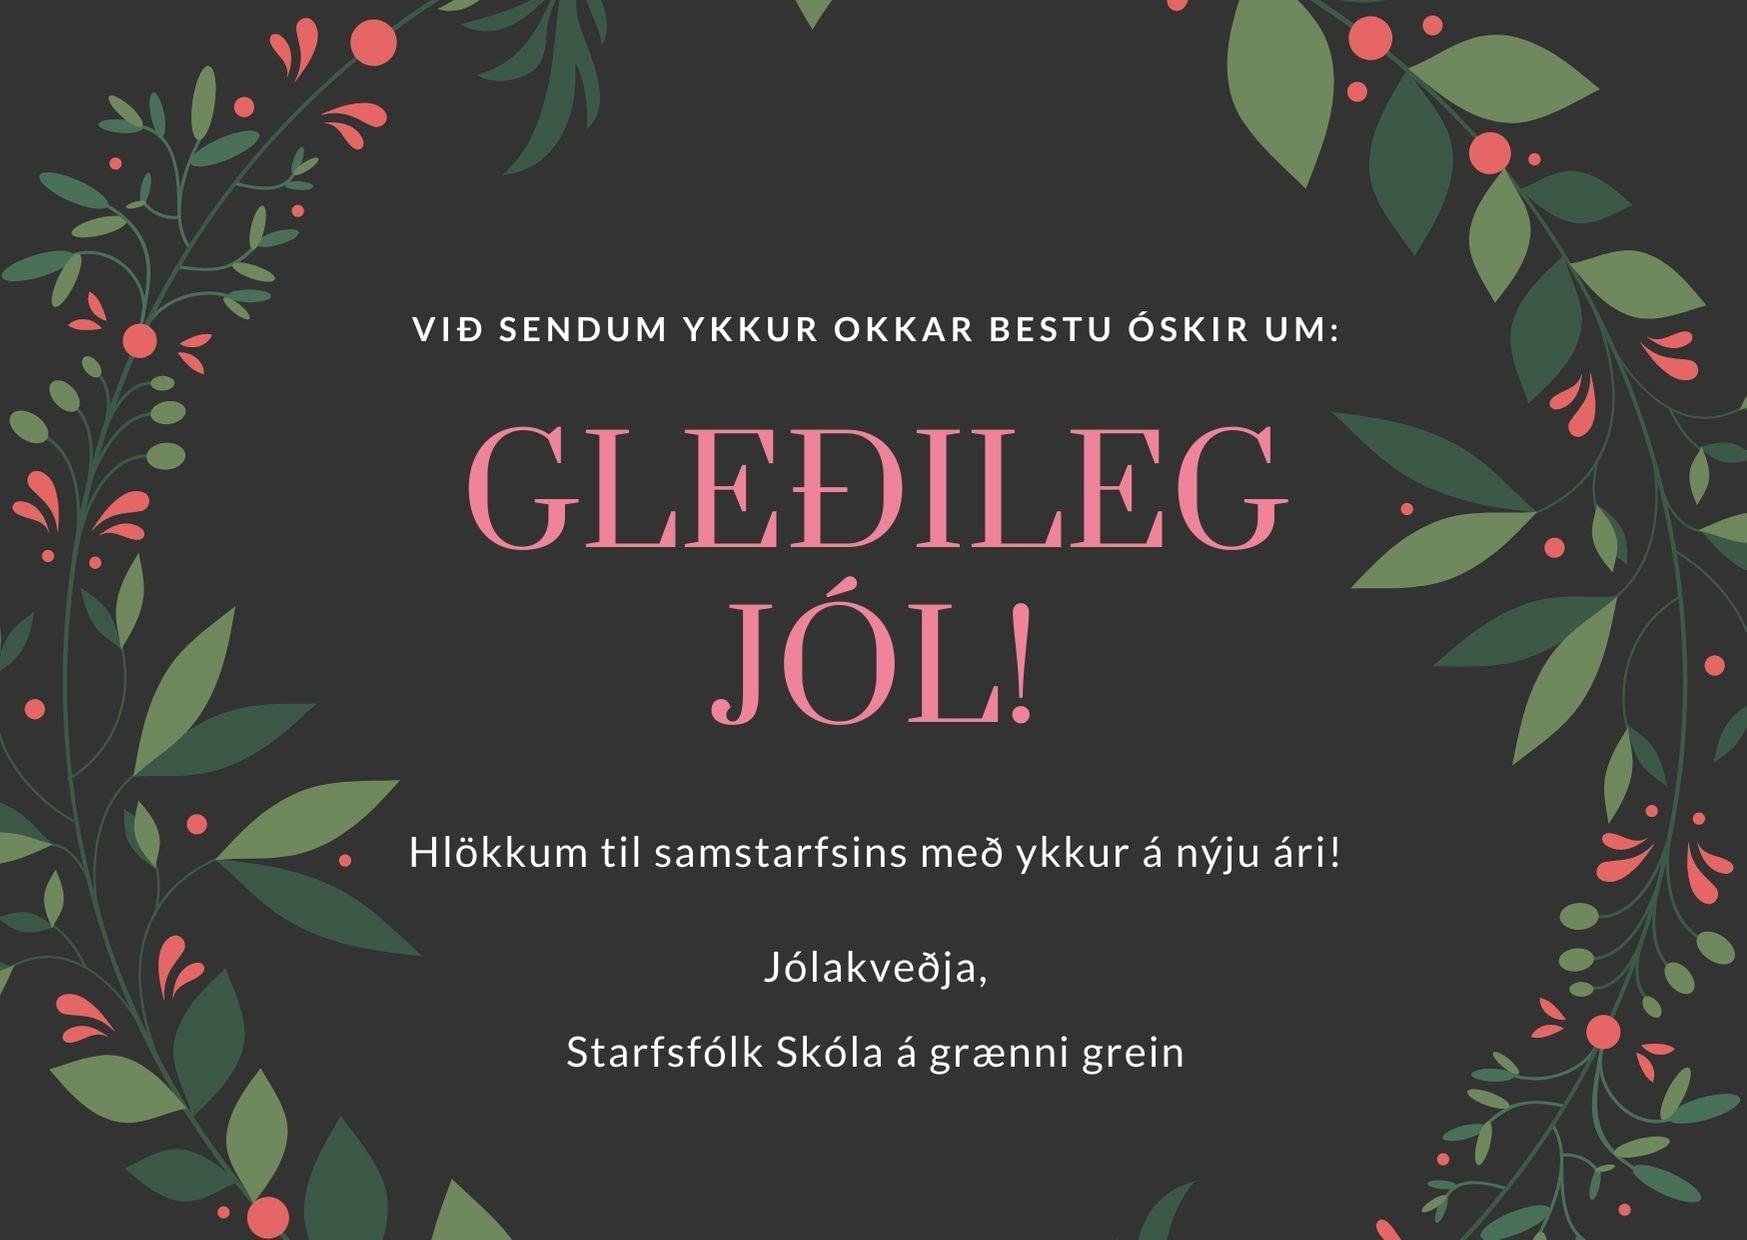 Hátíðarkveðja Skóla á grænni grein, landvernd.is